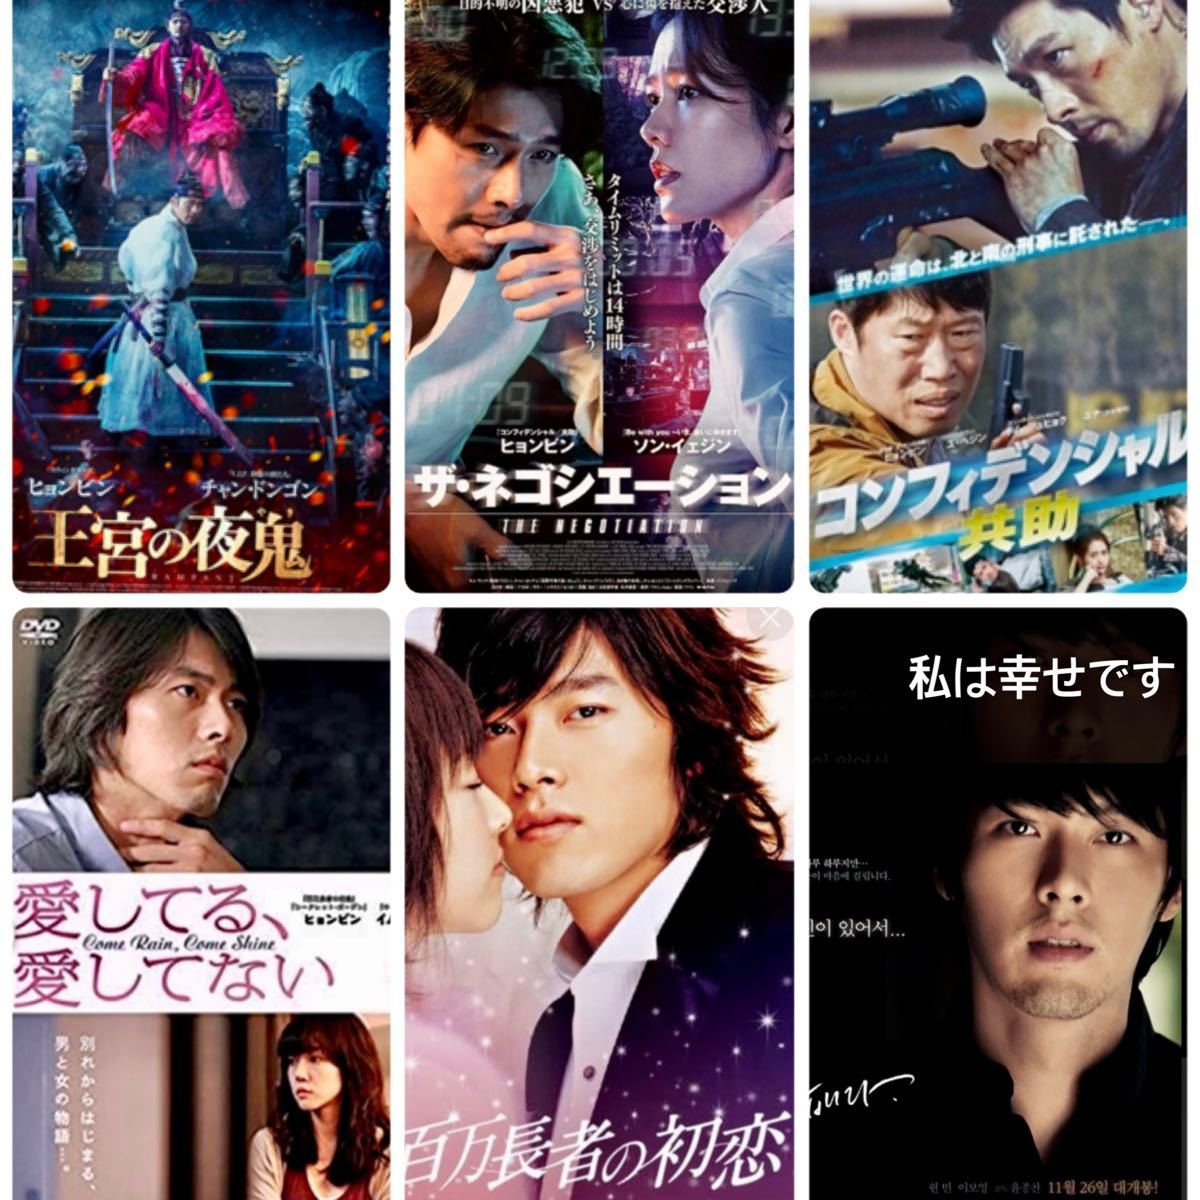 韓国映画DVD ヒョンビン6作品セットに変更しました